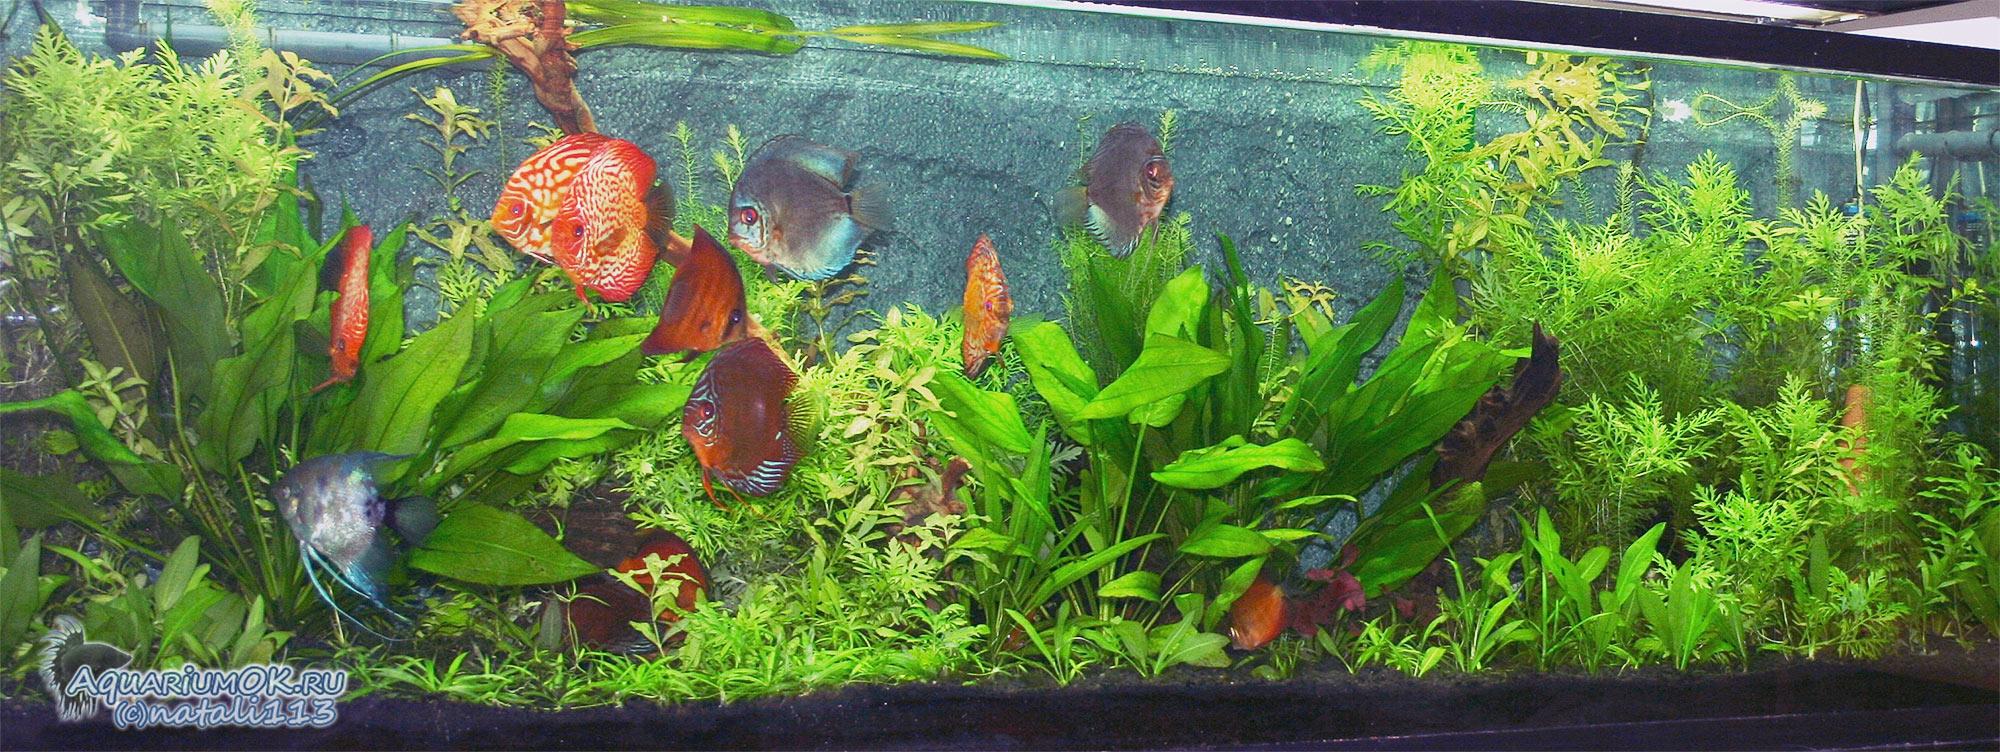 схема аквариум 200 литров